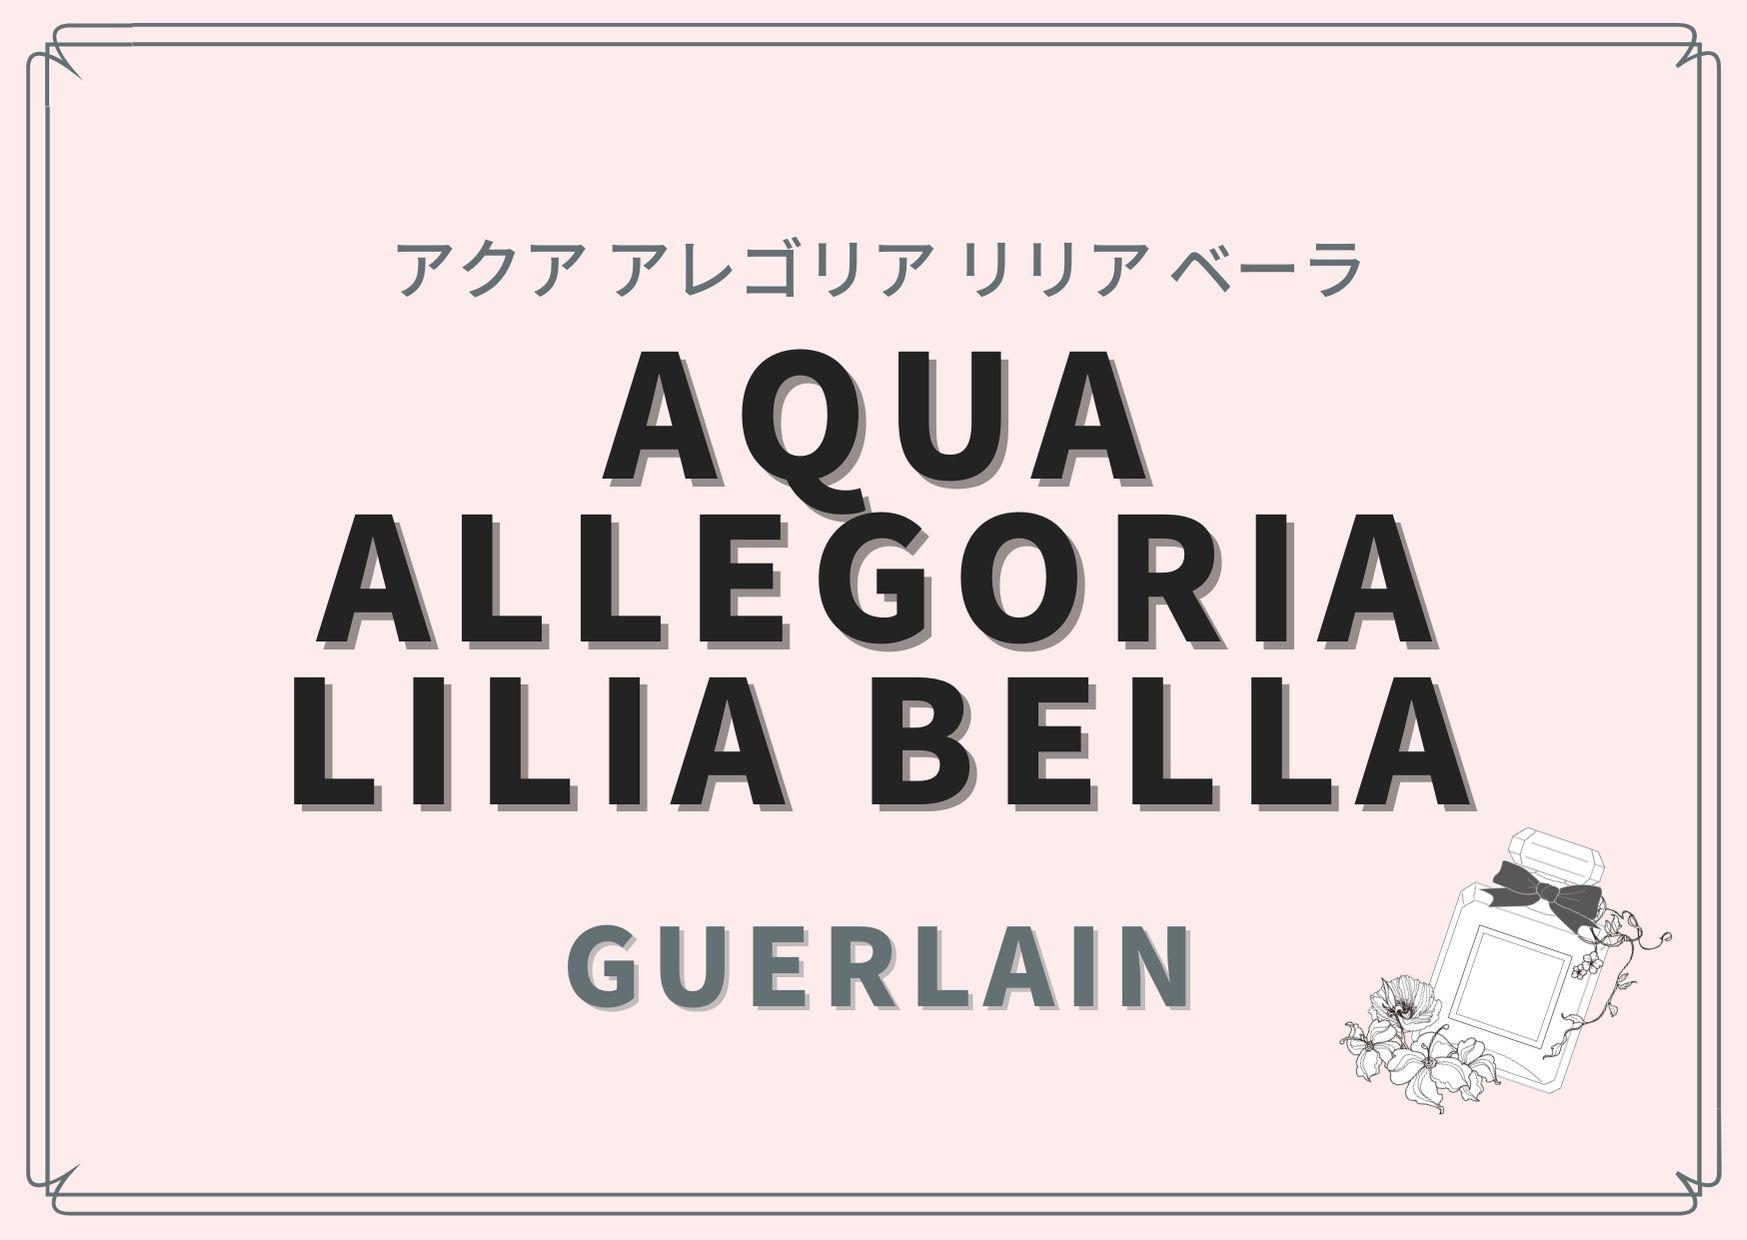 Aqua Allegoria Lilia Bella(アクア アレゴリア リリア ベーラ)/GUERLAIN(ゲラン)